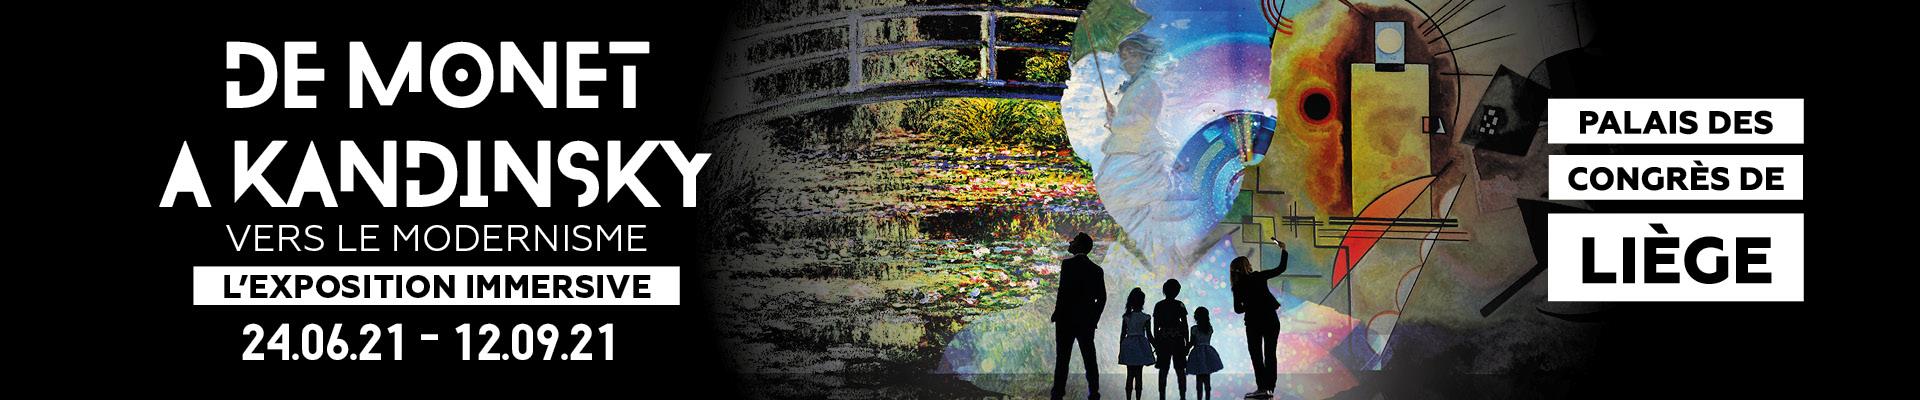 Monet to Kandinsky, exposition immersive, vers le modernisme